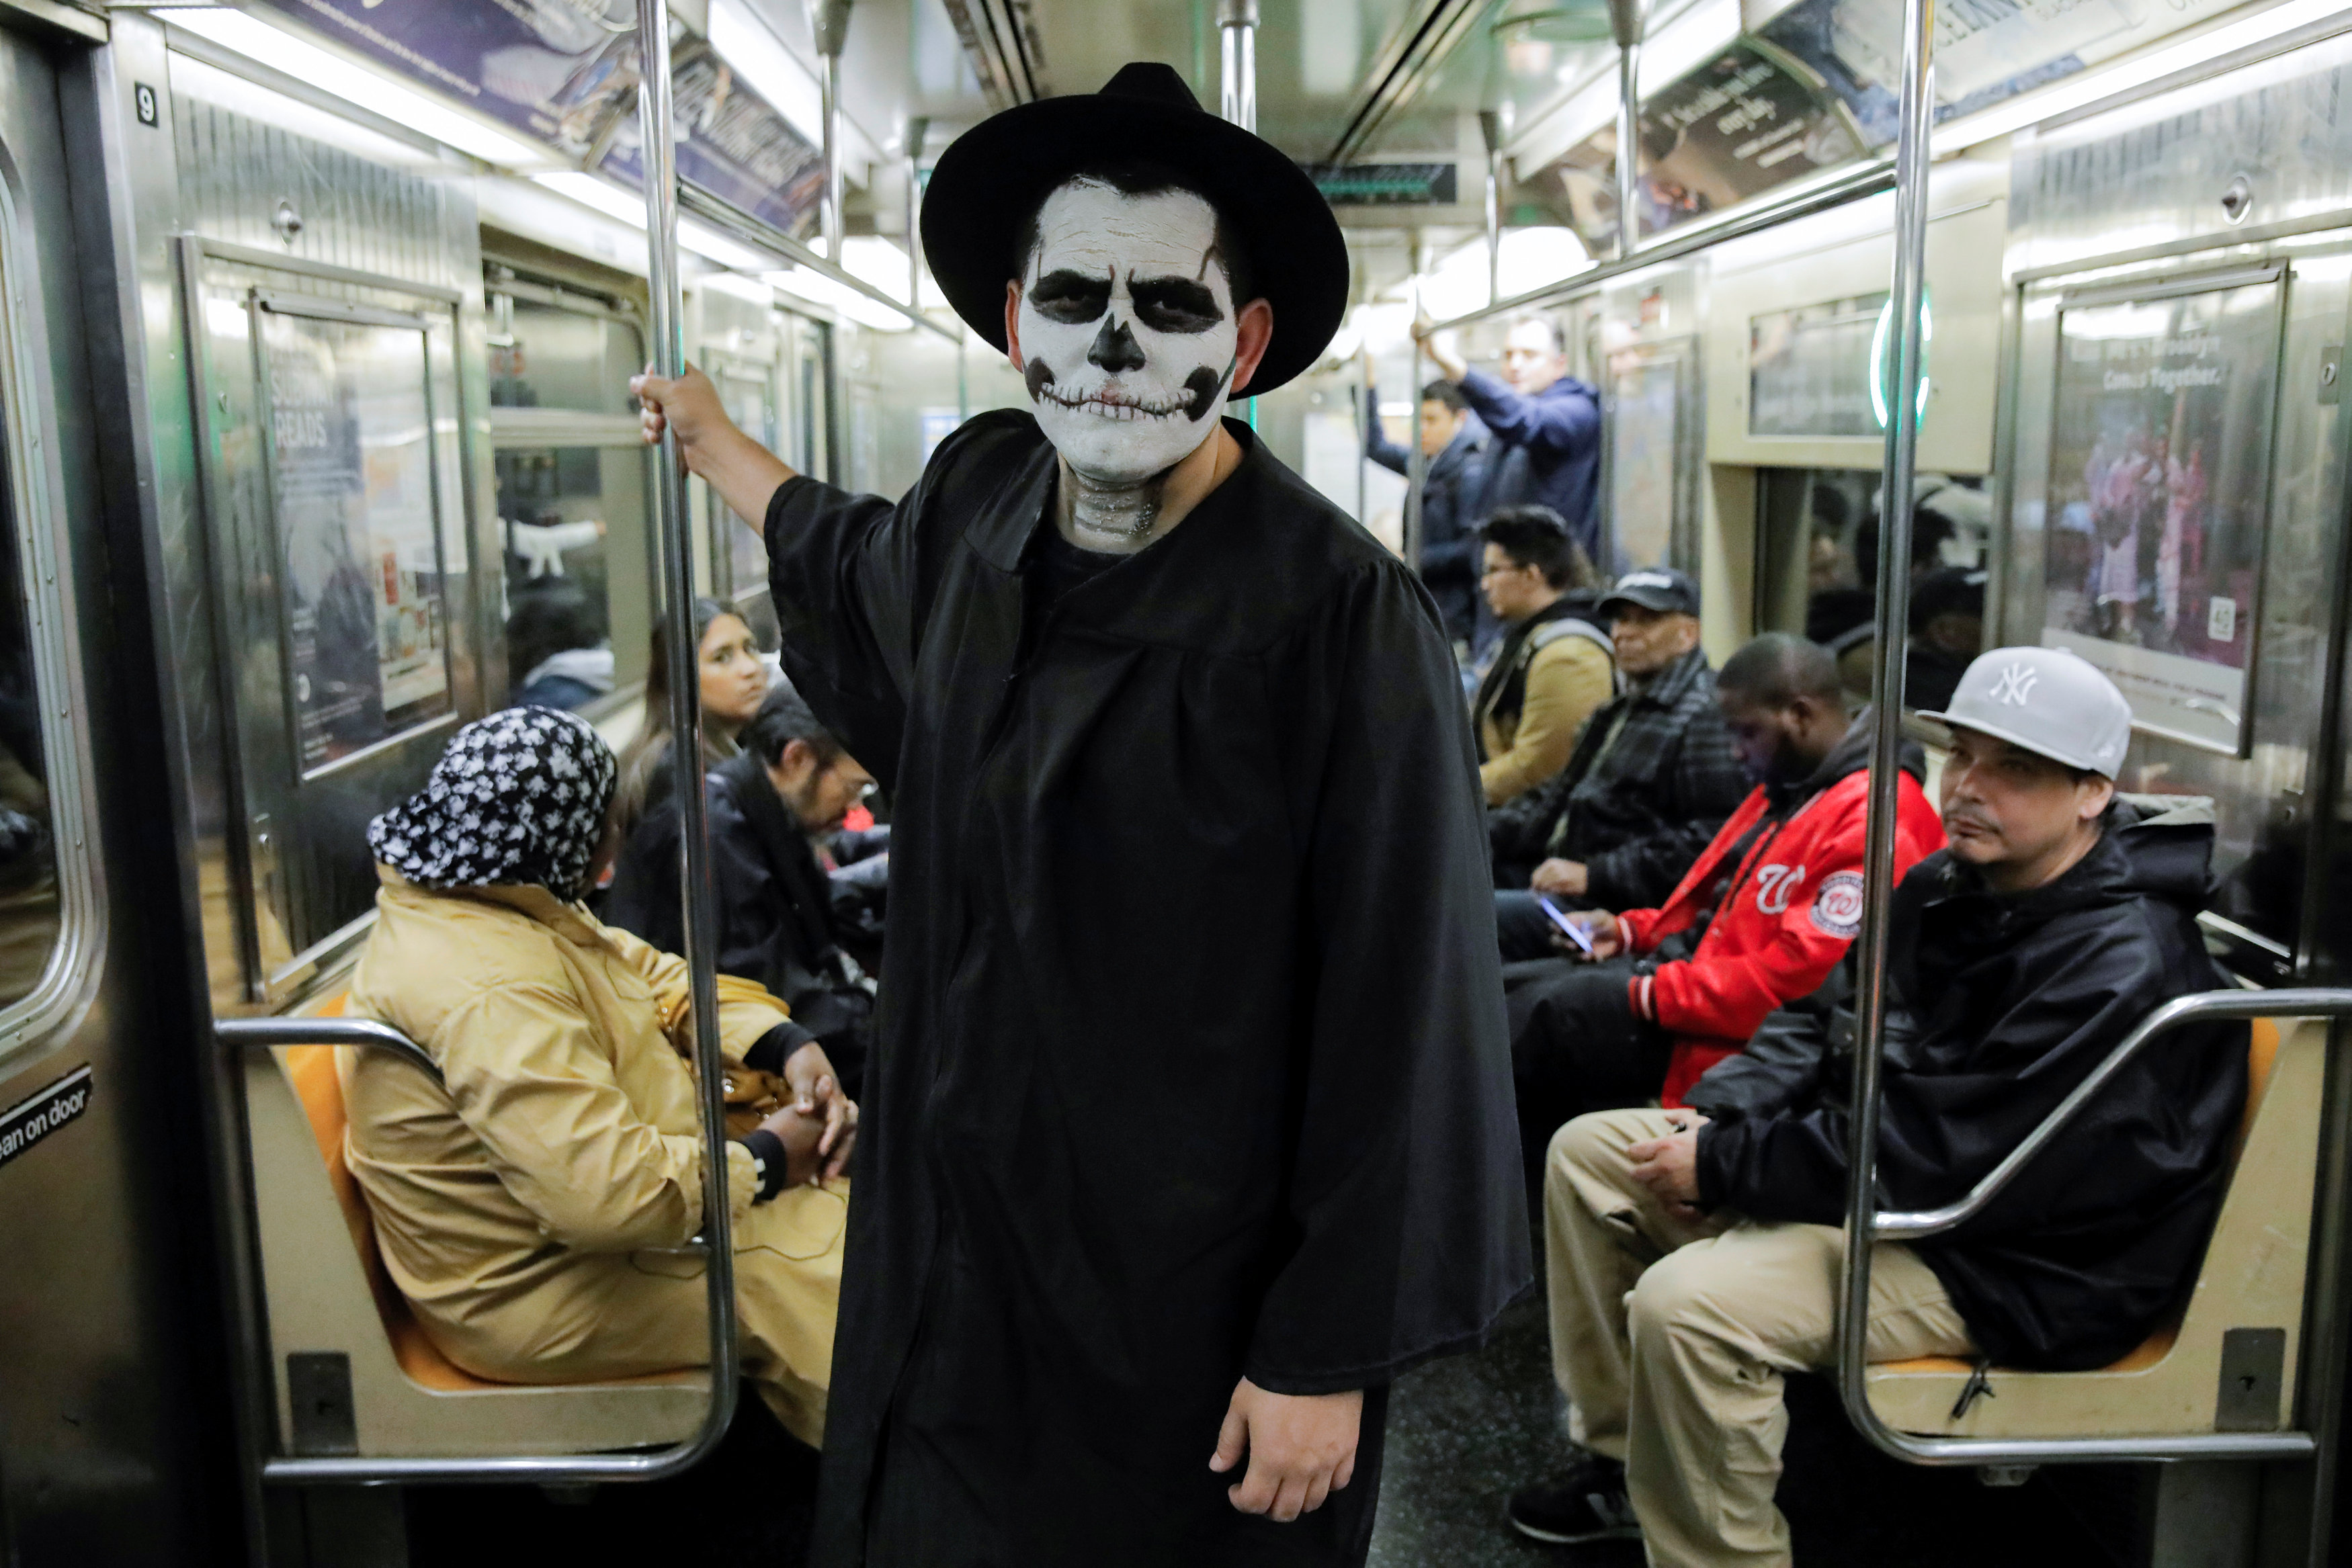 أحد المواطنين يرتدى قناع احتفالا بالهالوين فى أمريكا